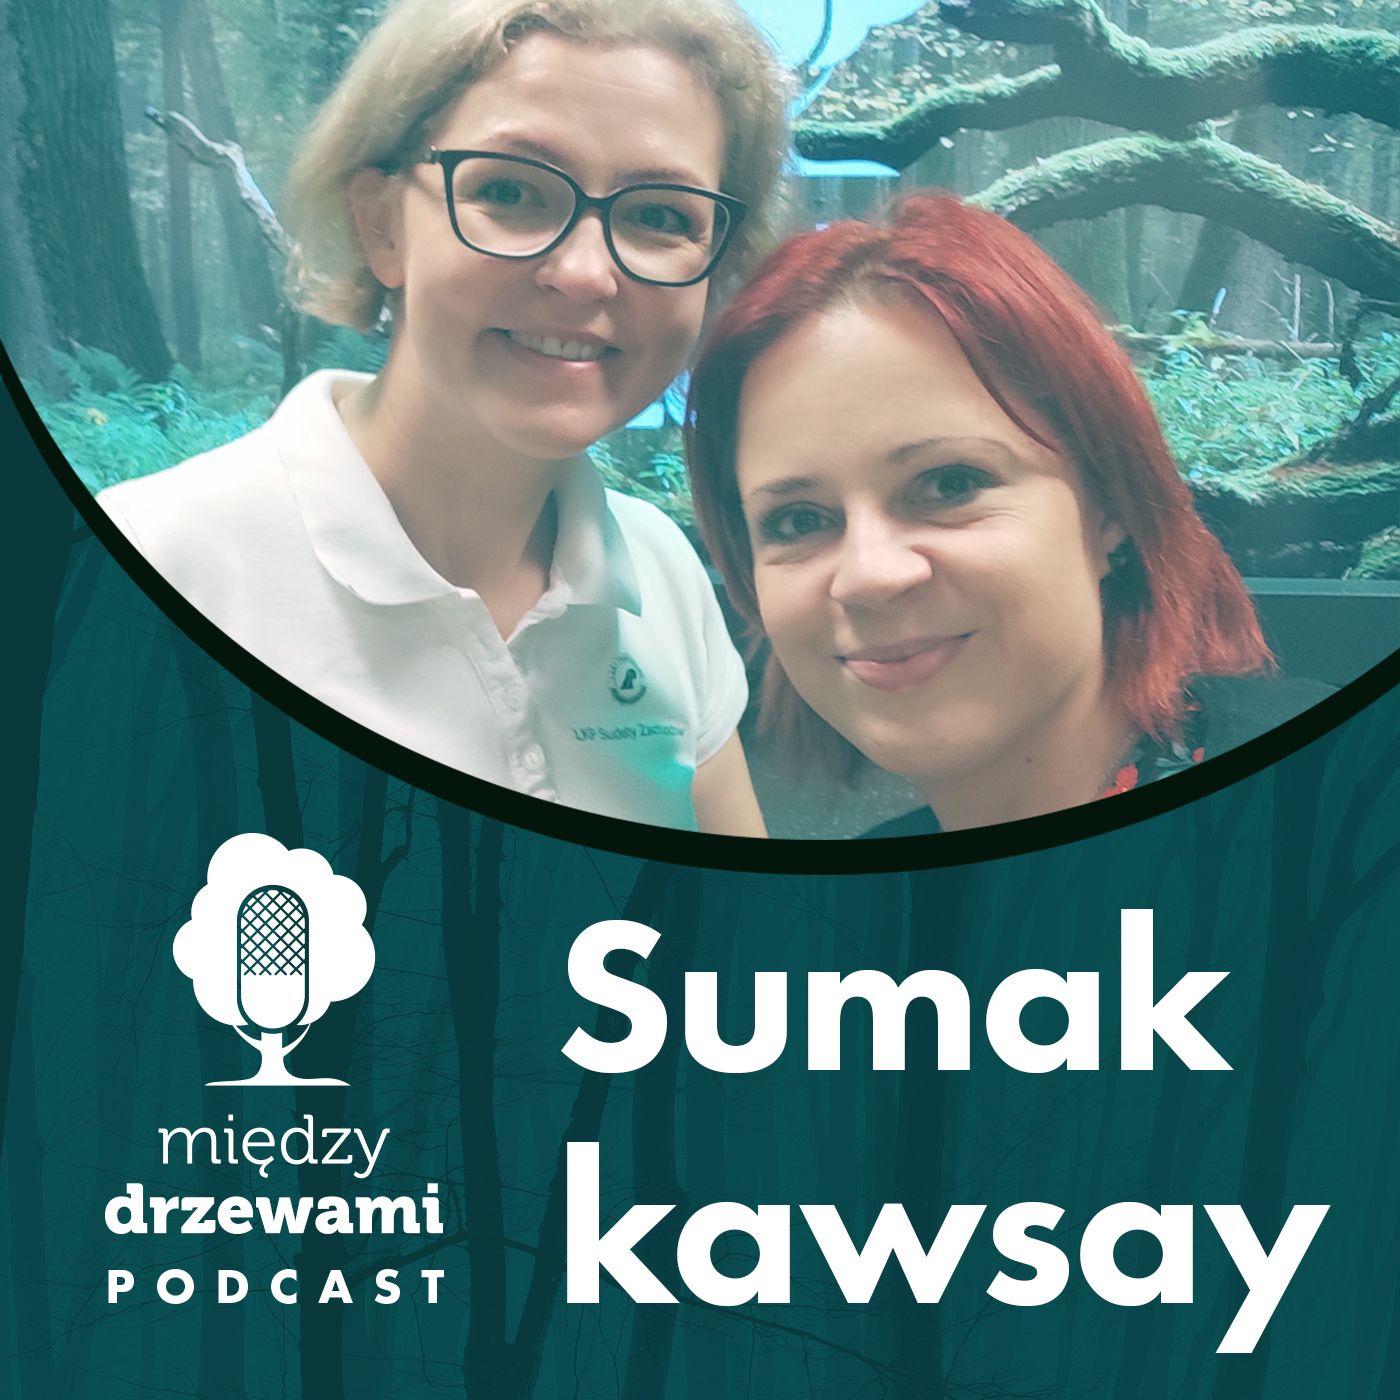 Między Drzewami #84 Sumak kawsay. O idei zrównoważonego rozwoju [Barbara Rymaszewska]